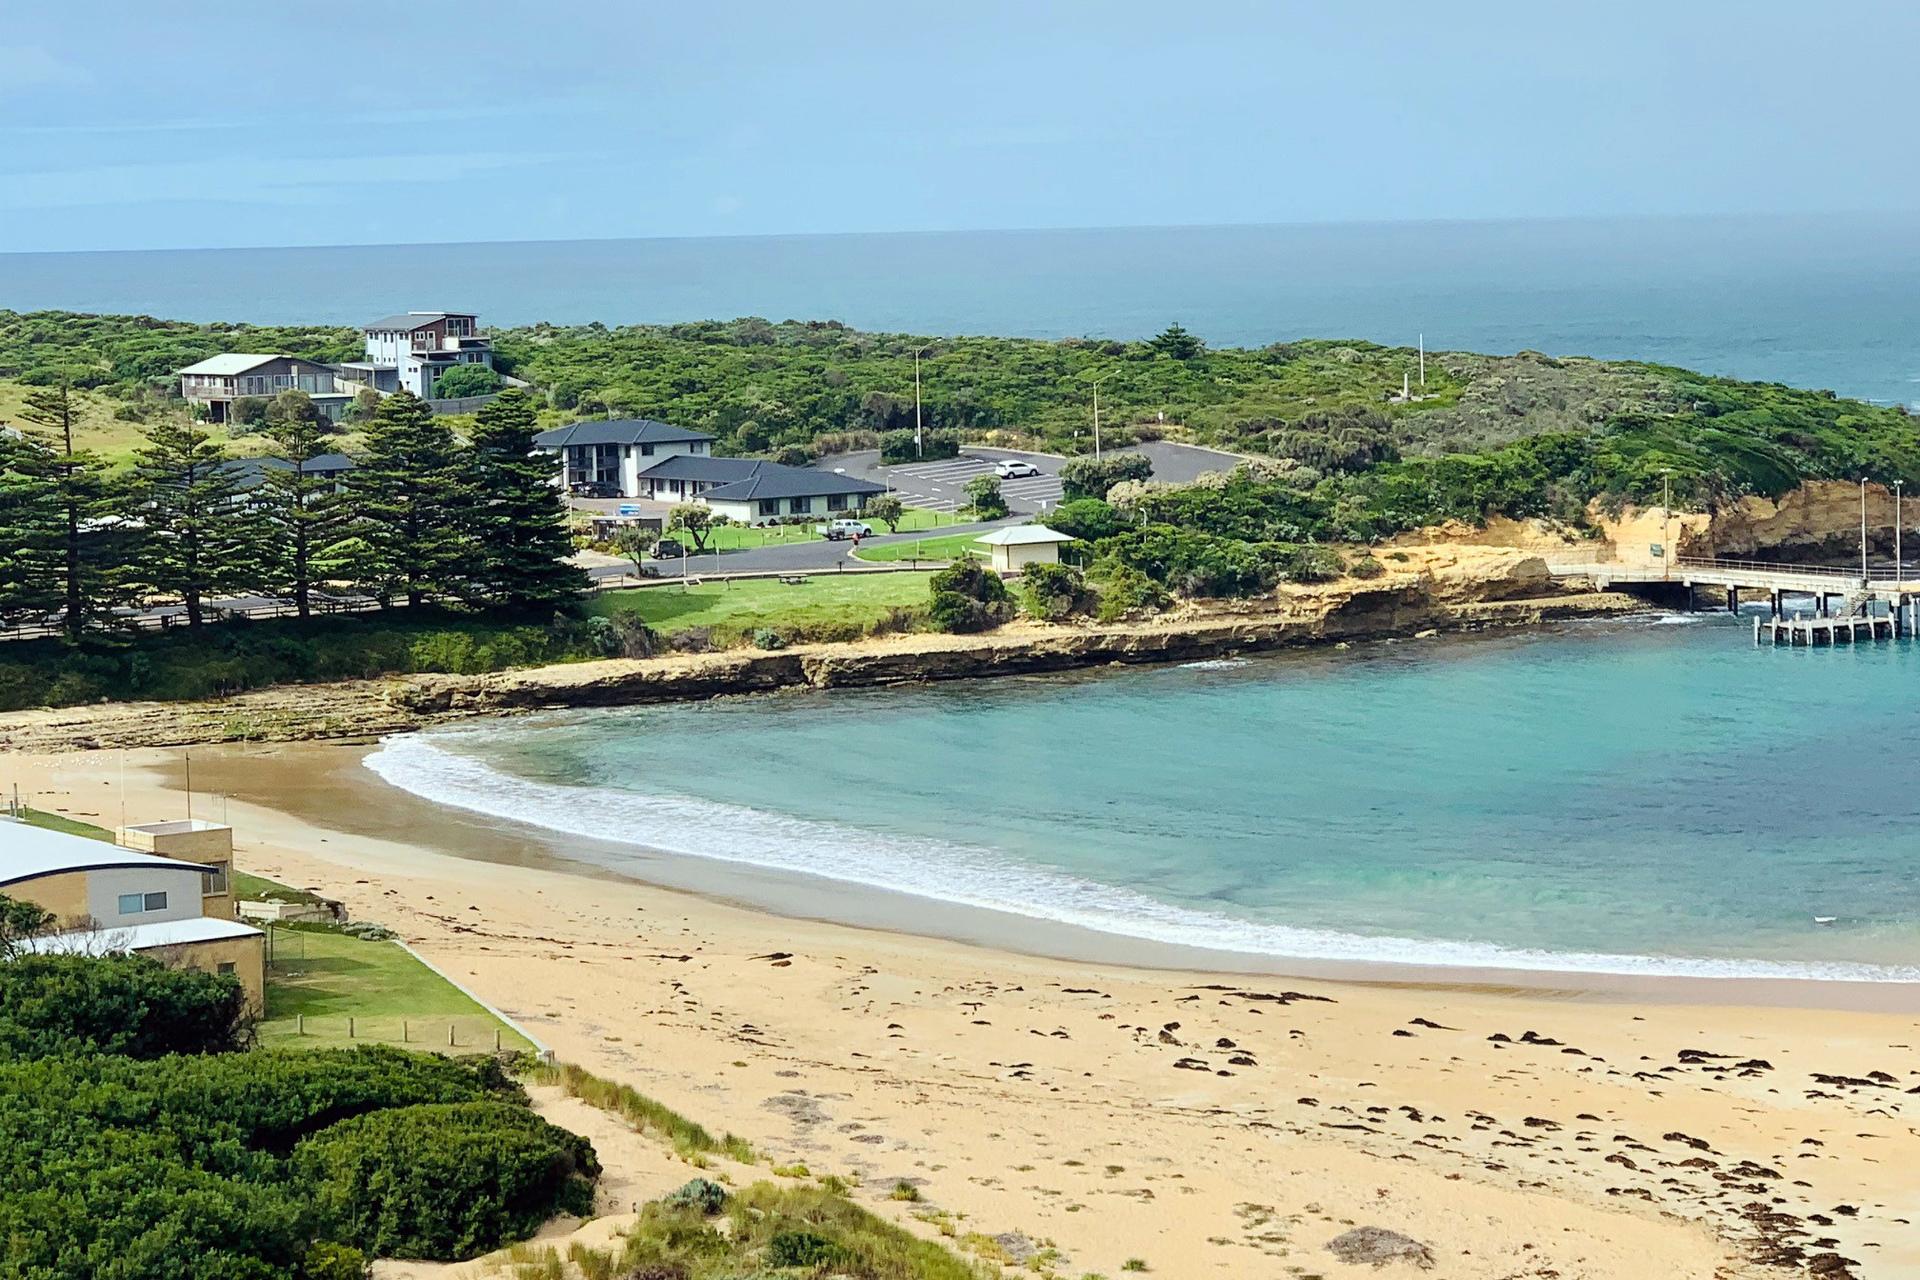 j - Southern Ocean Motor Inn